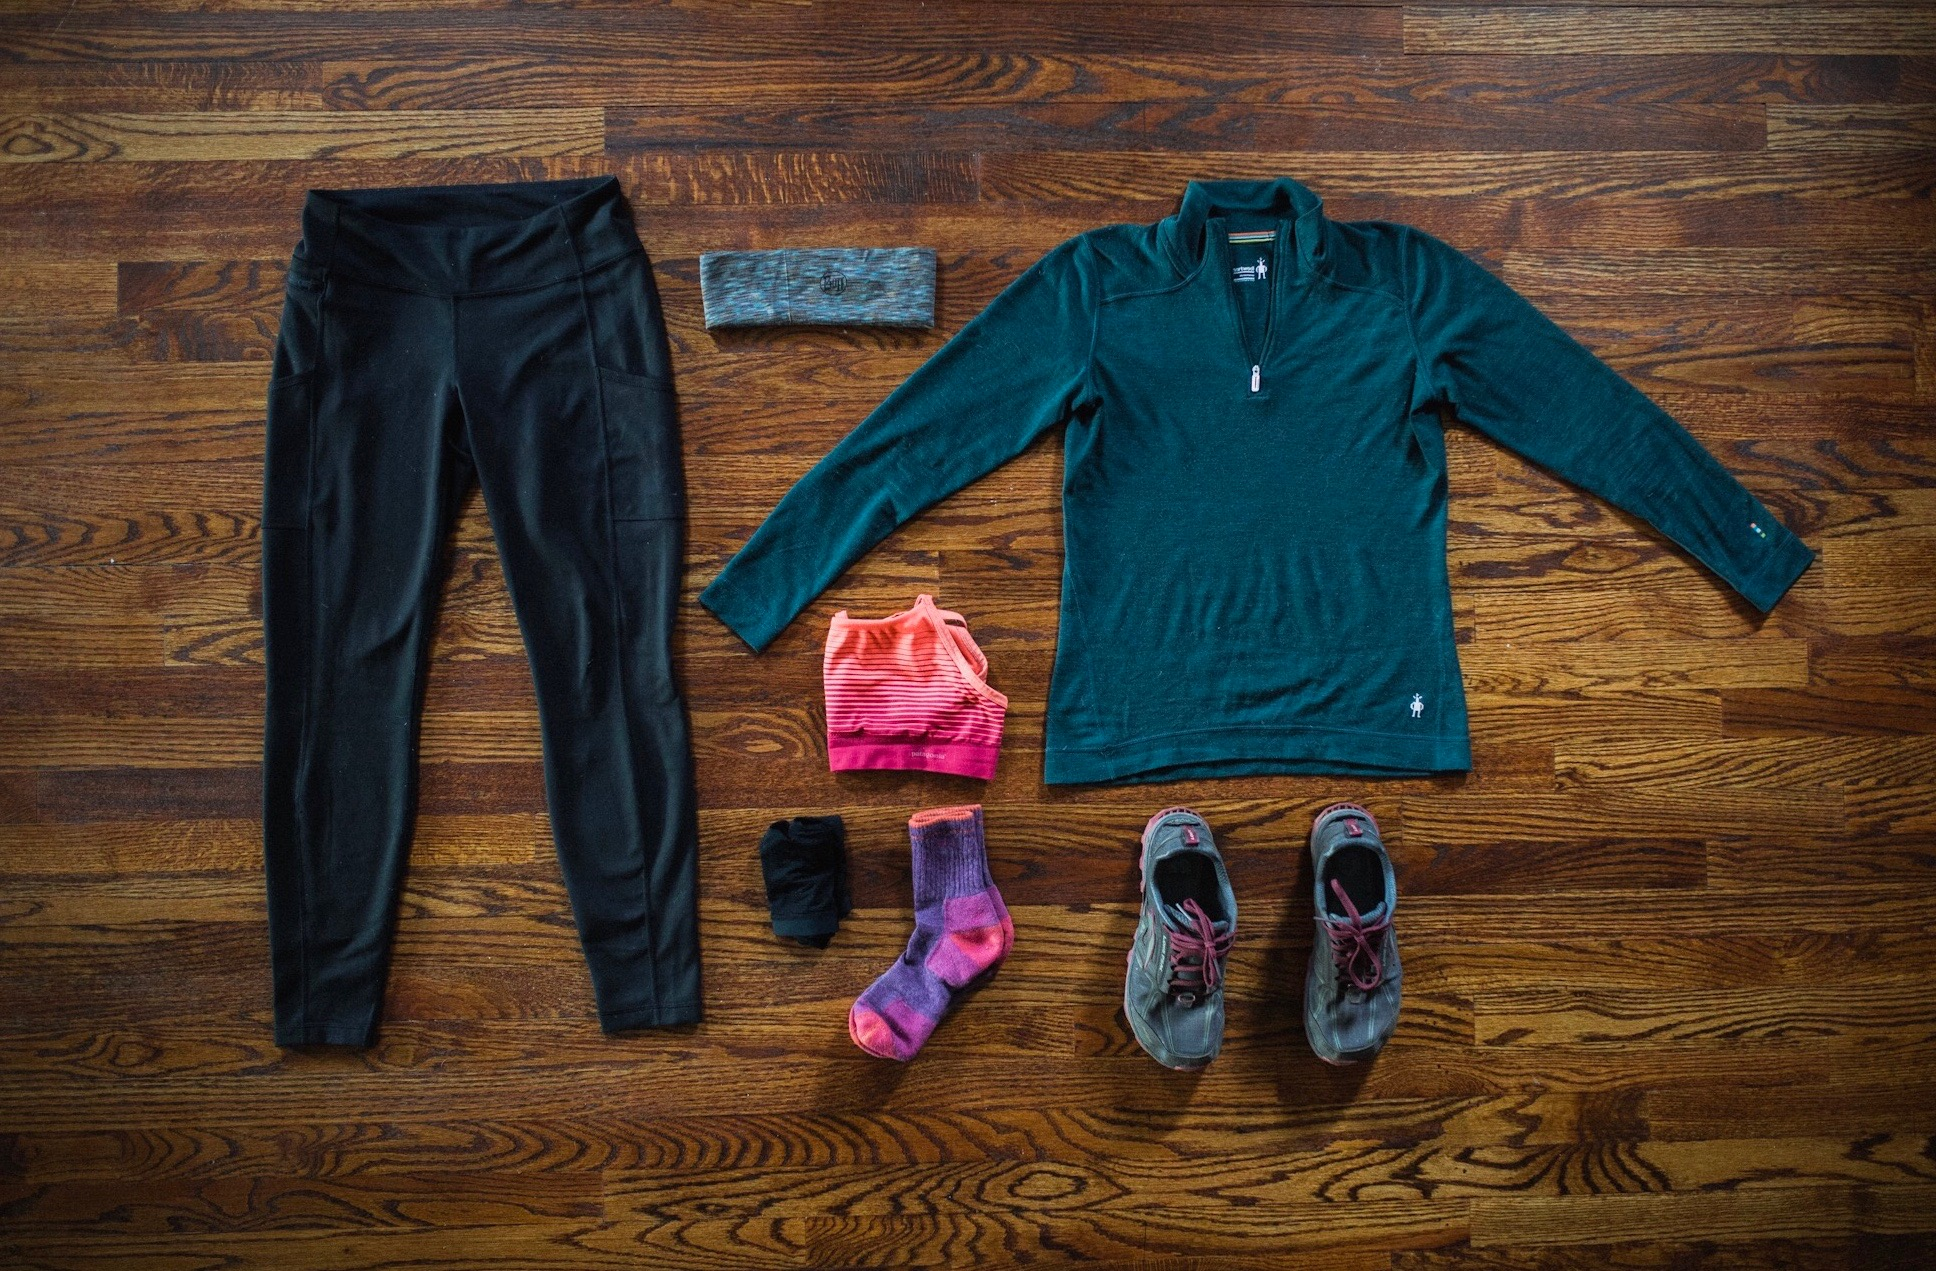 My Wandering Wardrobe: What I'll Wear While I Hike - The Trek